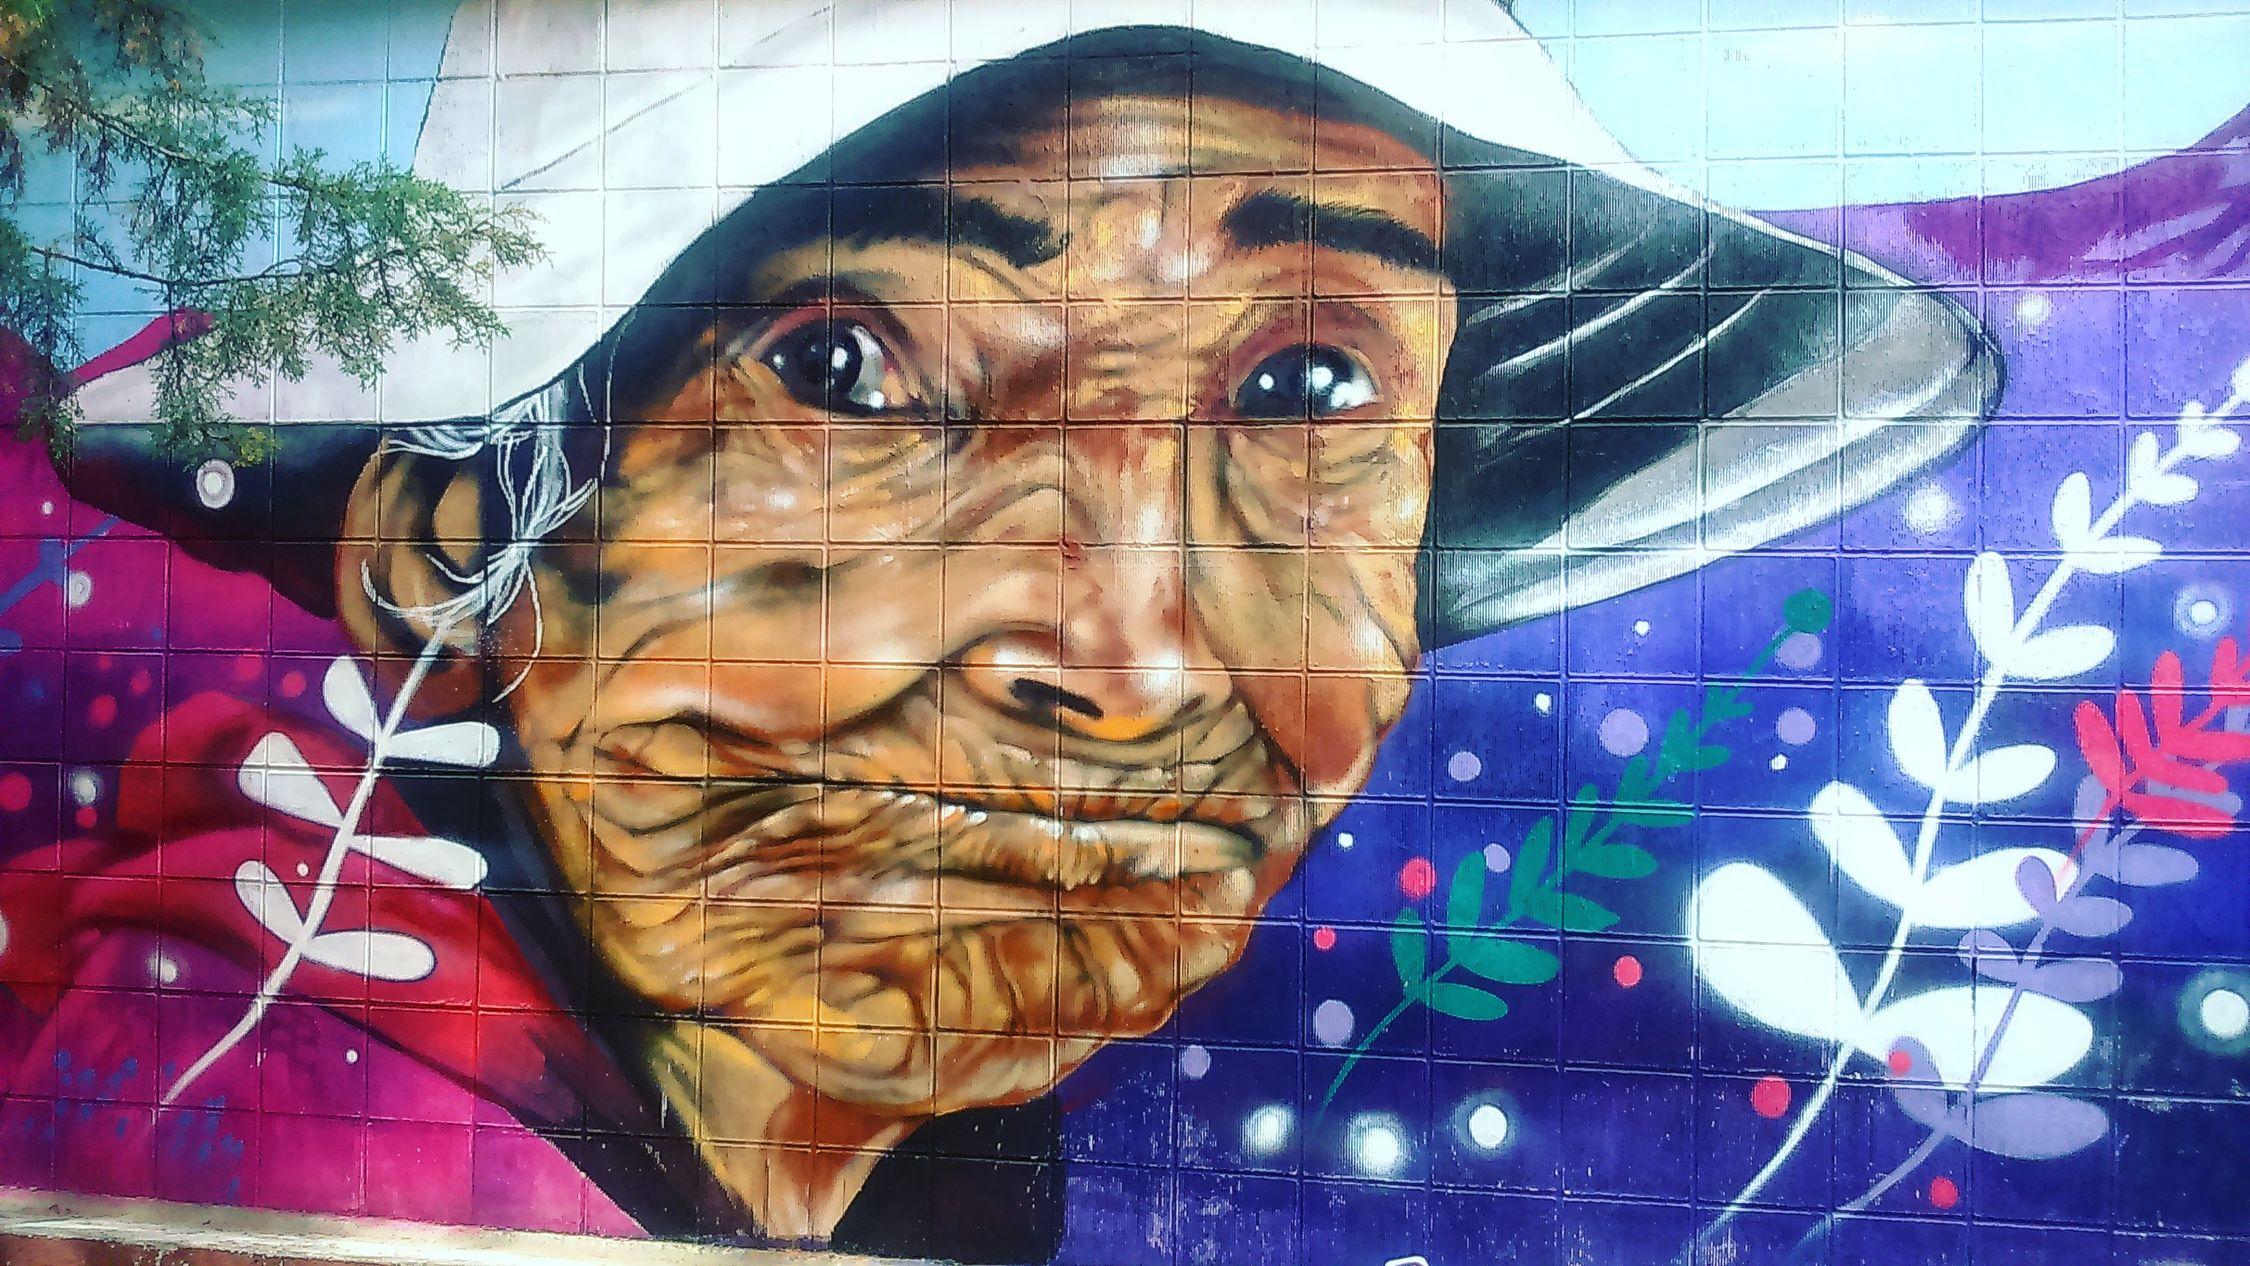 EyeEm Diversity Cochabamba - Bolivia Front View Why Not? Grafiti Wall Looking At Camera Umss Beautiful Woman